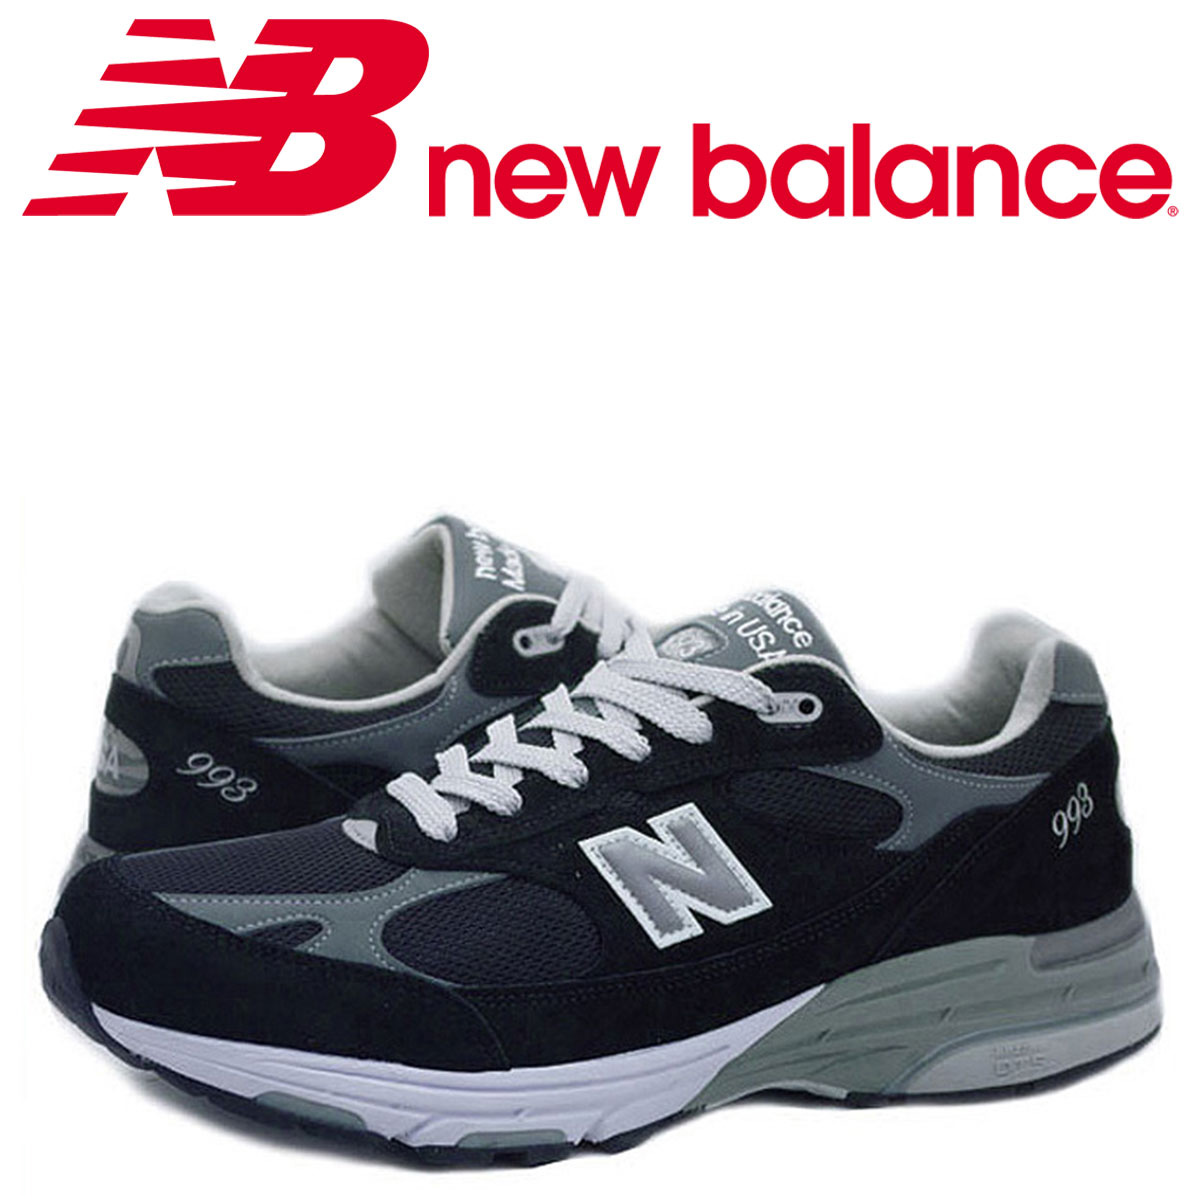 new balance 993 メンズ ニューバランス スニーカー MR993BK Dワイズ MADE IN USA ブラック 黒 [4/3 追加入荷]